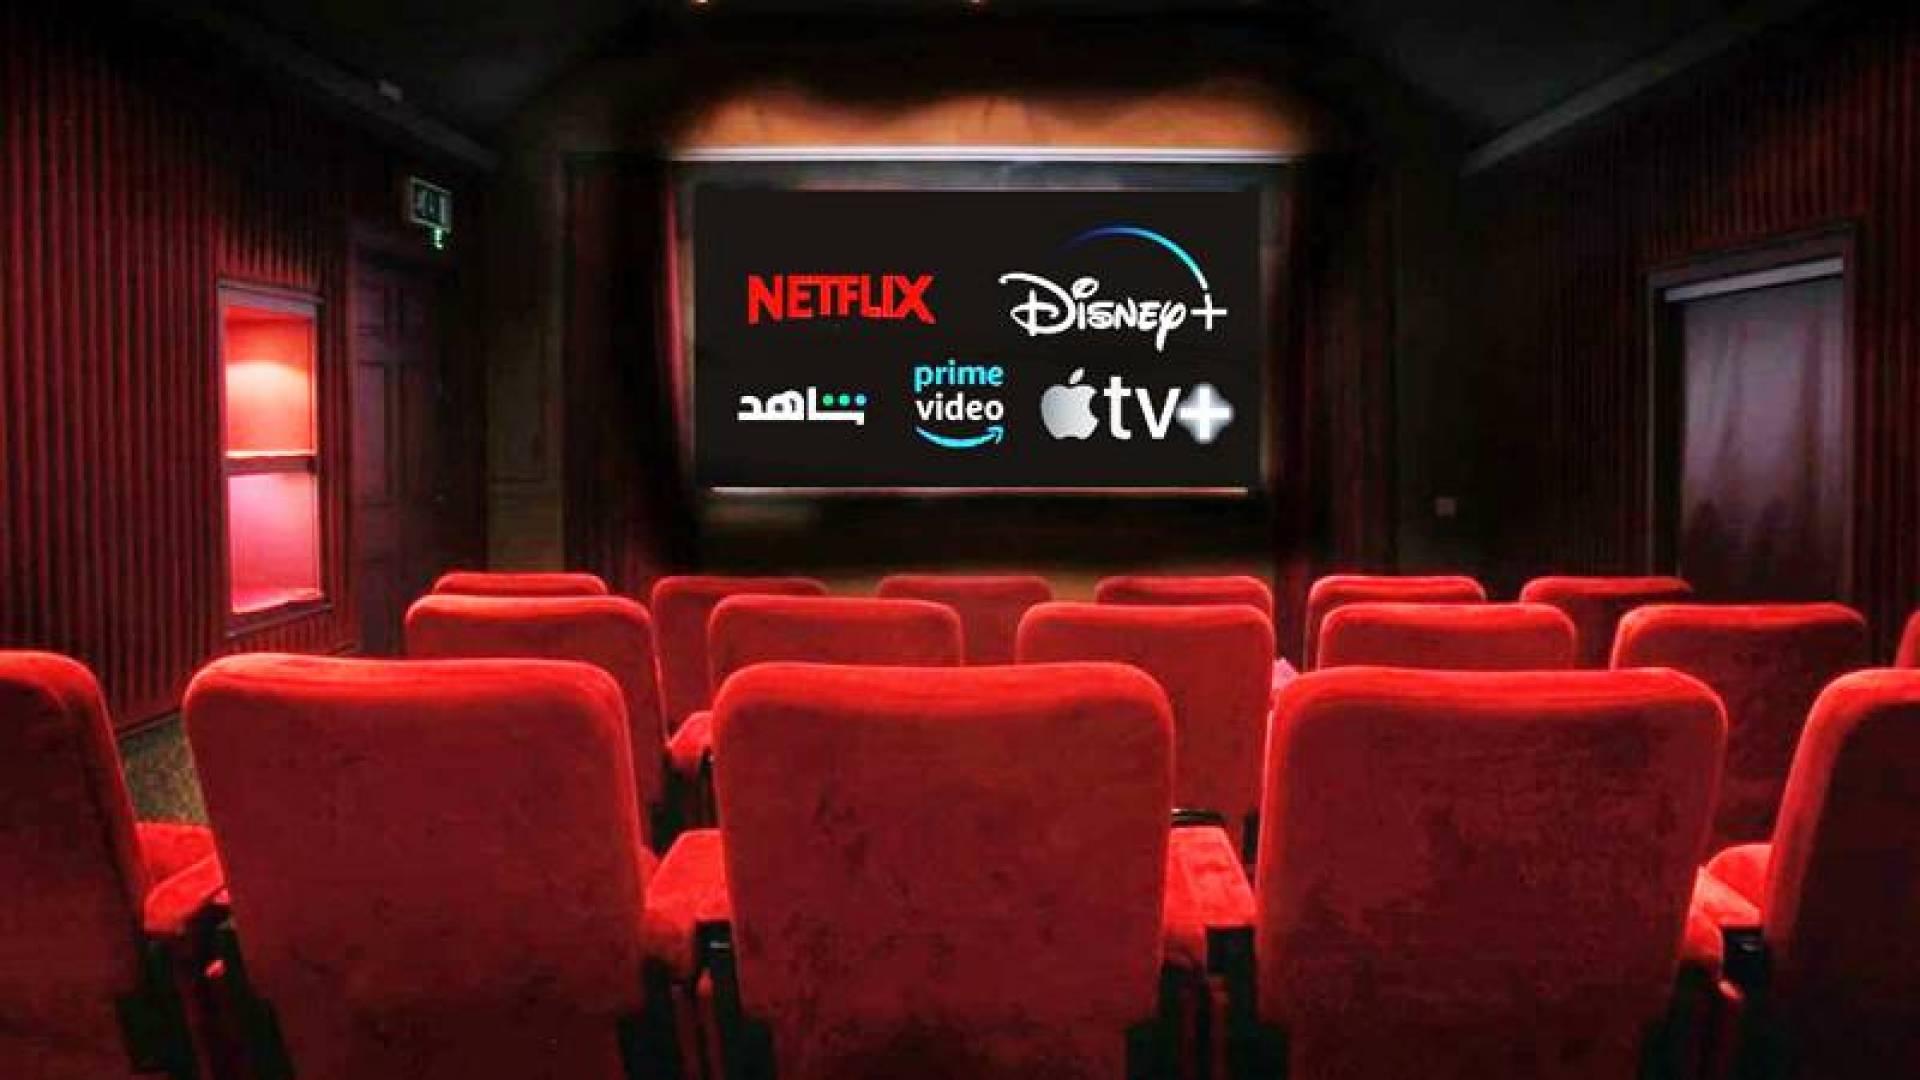 هل تهدد المنصات الرقمية عرش التلفزيون والسينما؟